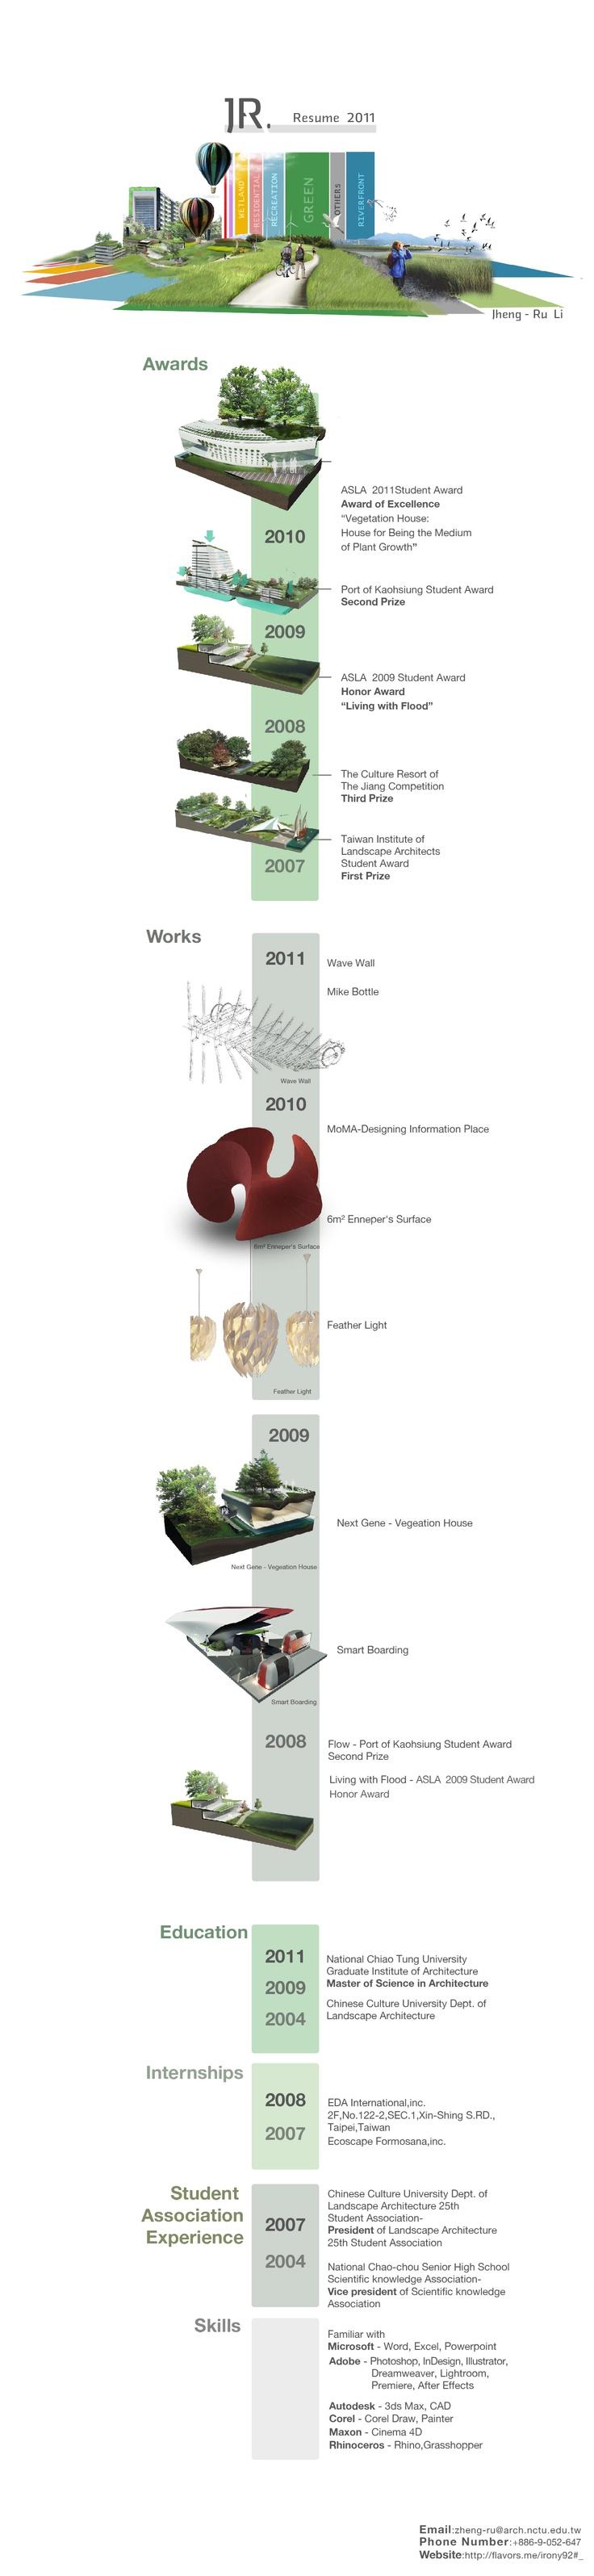 resume Resume Landscape Architect 44 best portfolio images on pinterest resume 2011 landscape architectureresume curriculuminfographicscareerlayouteditorialarchitectureportfolio